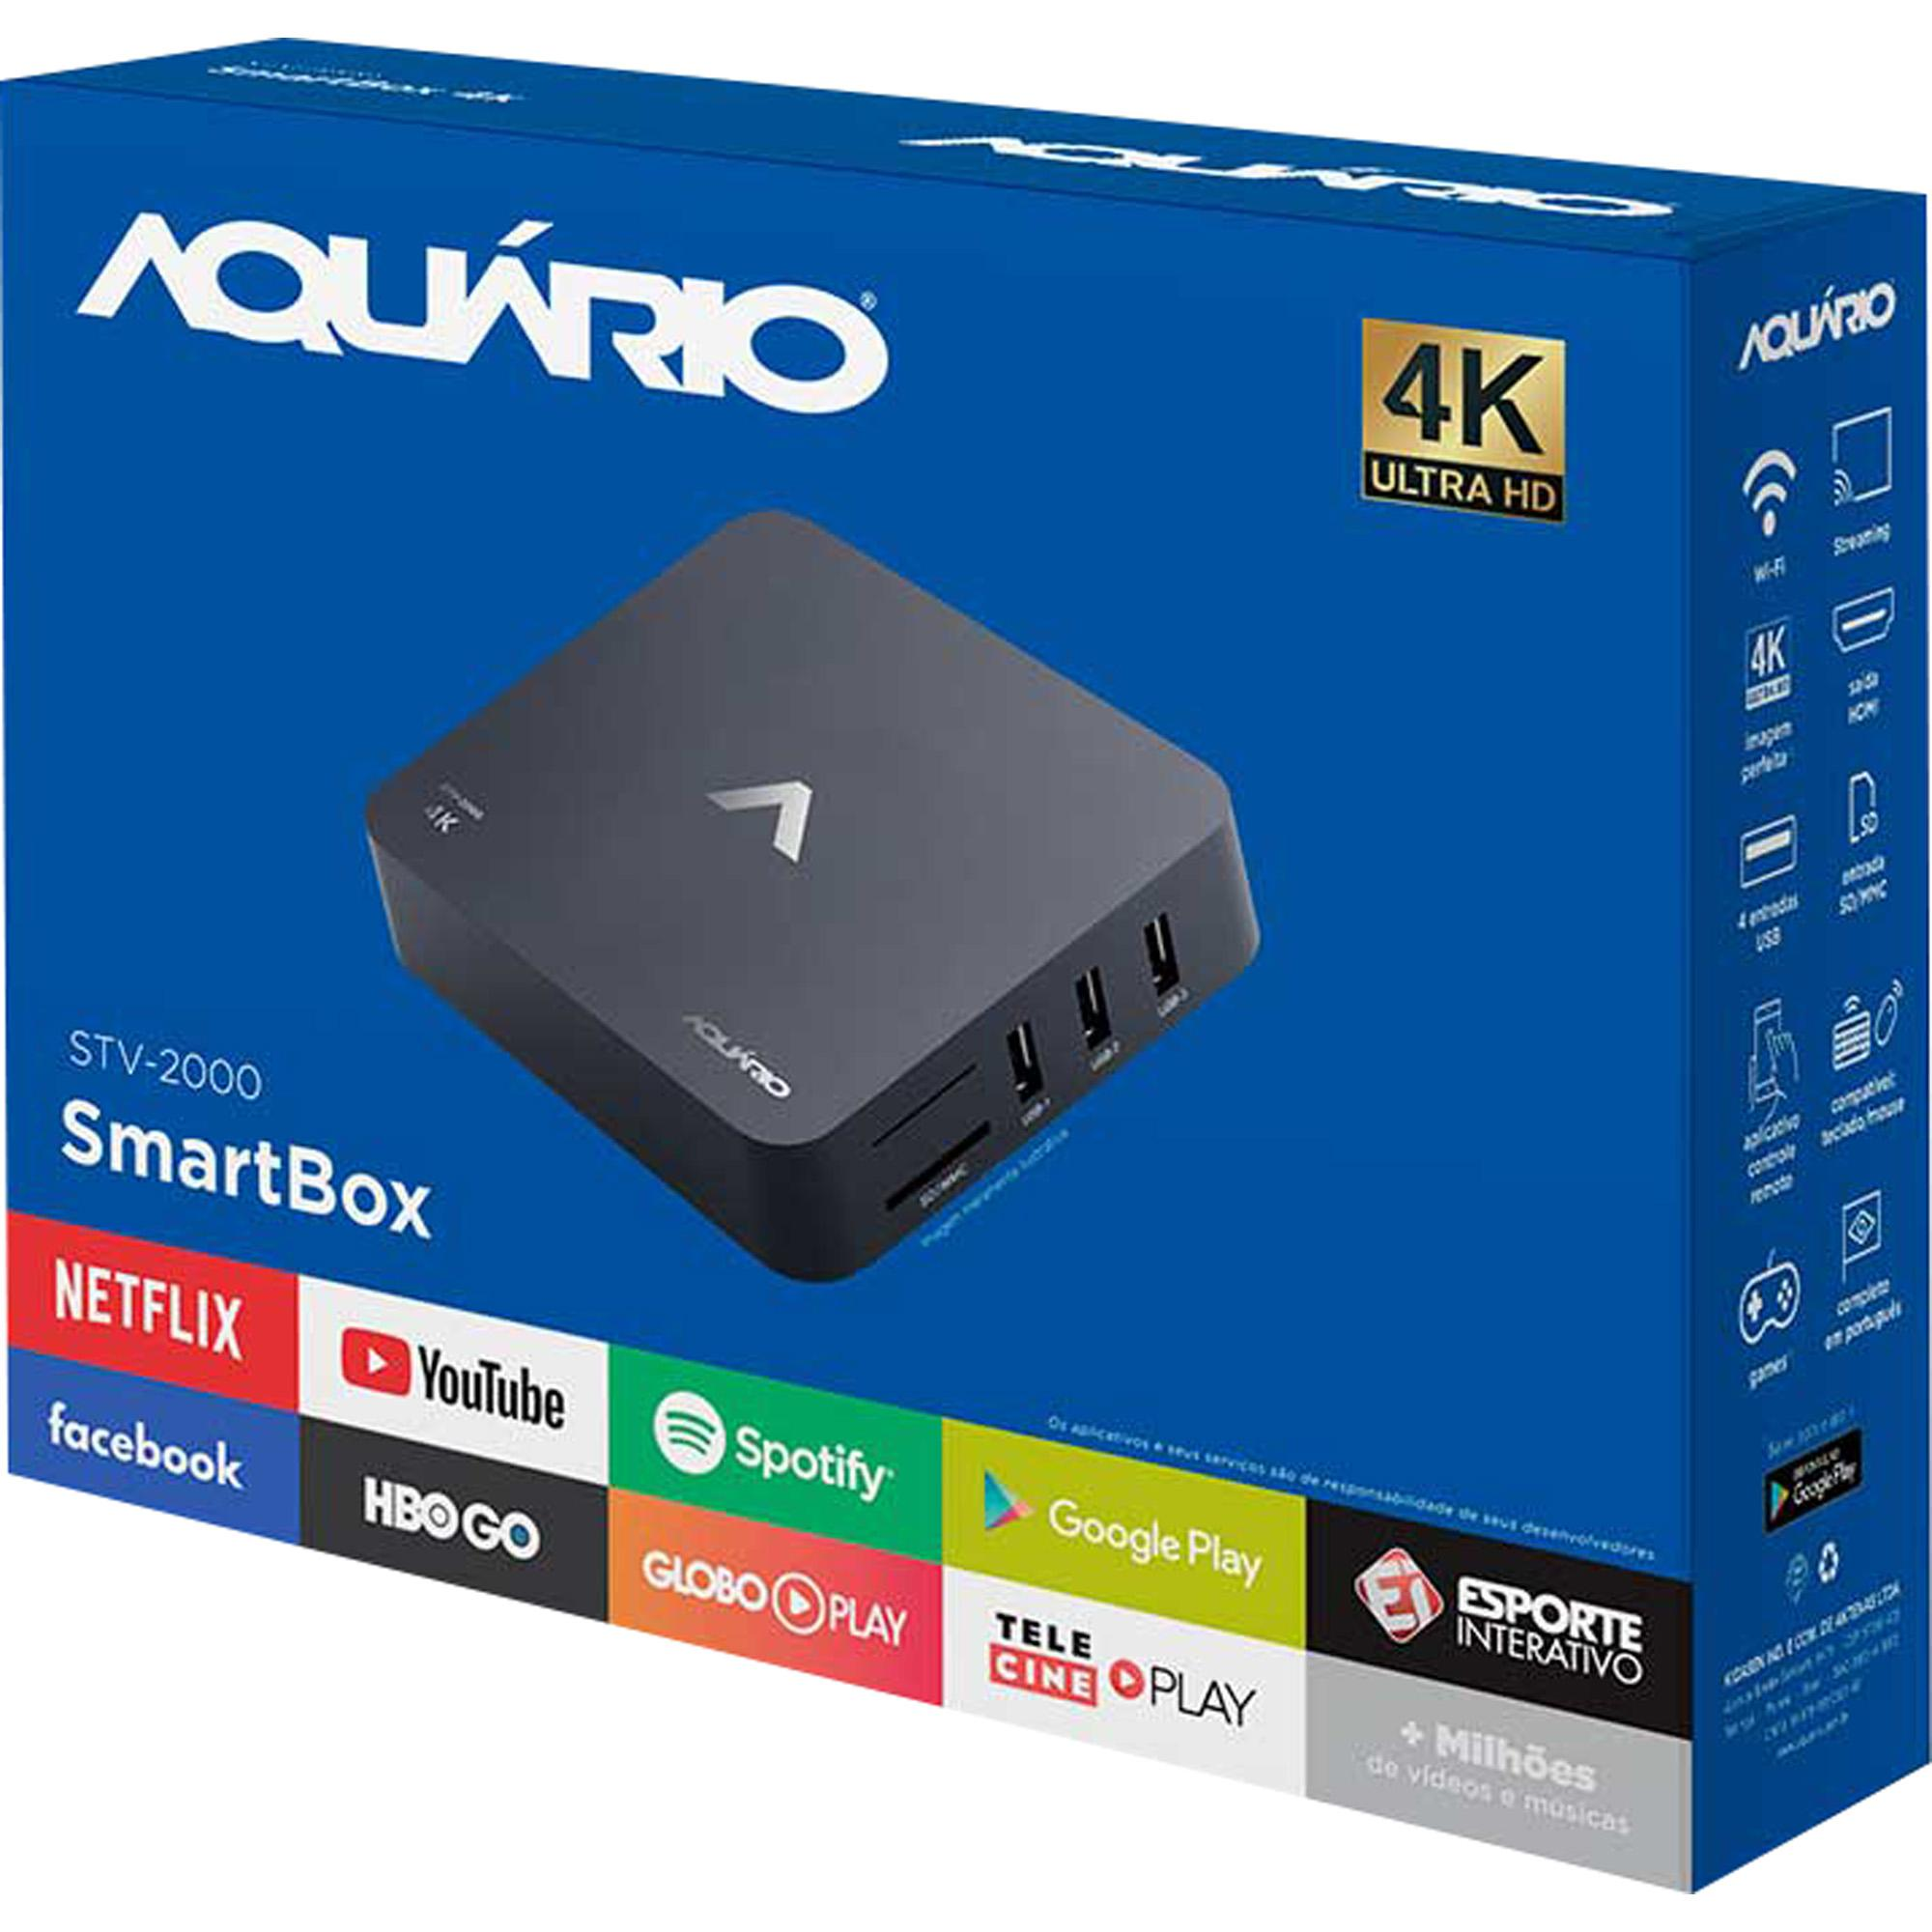 Smart Box Aparelho Transforma Sua Tv em Smart STV-2000 Aquario